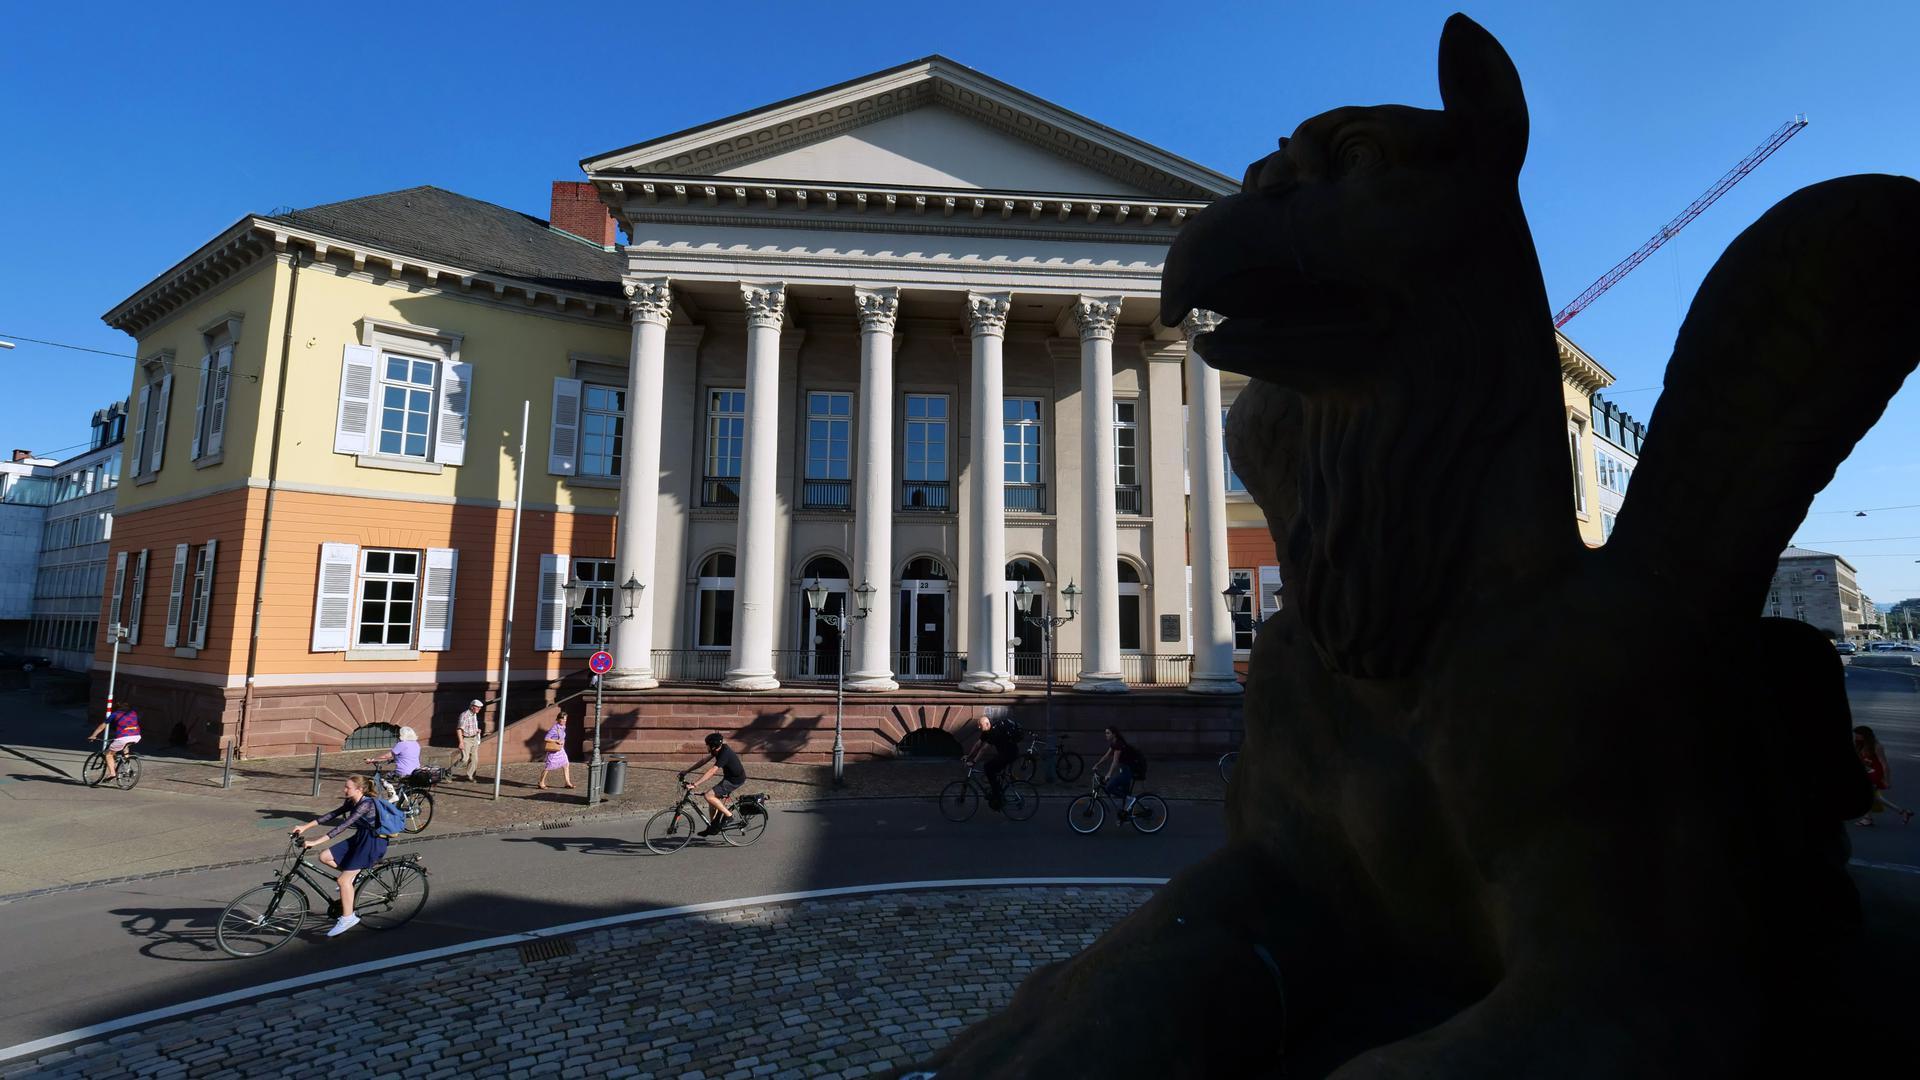 Blick auf das Markgräfliche Palais am Rondellplatz mit einem der Greifen der Verfassungssäule im Vordergrund